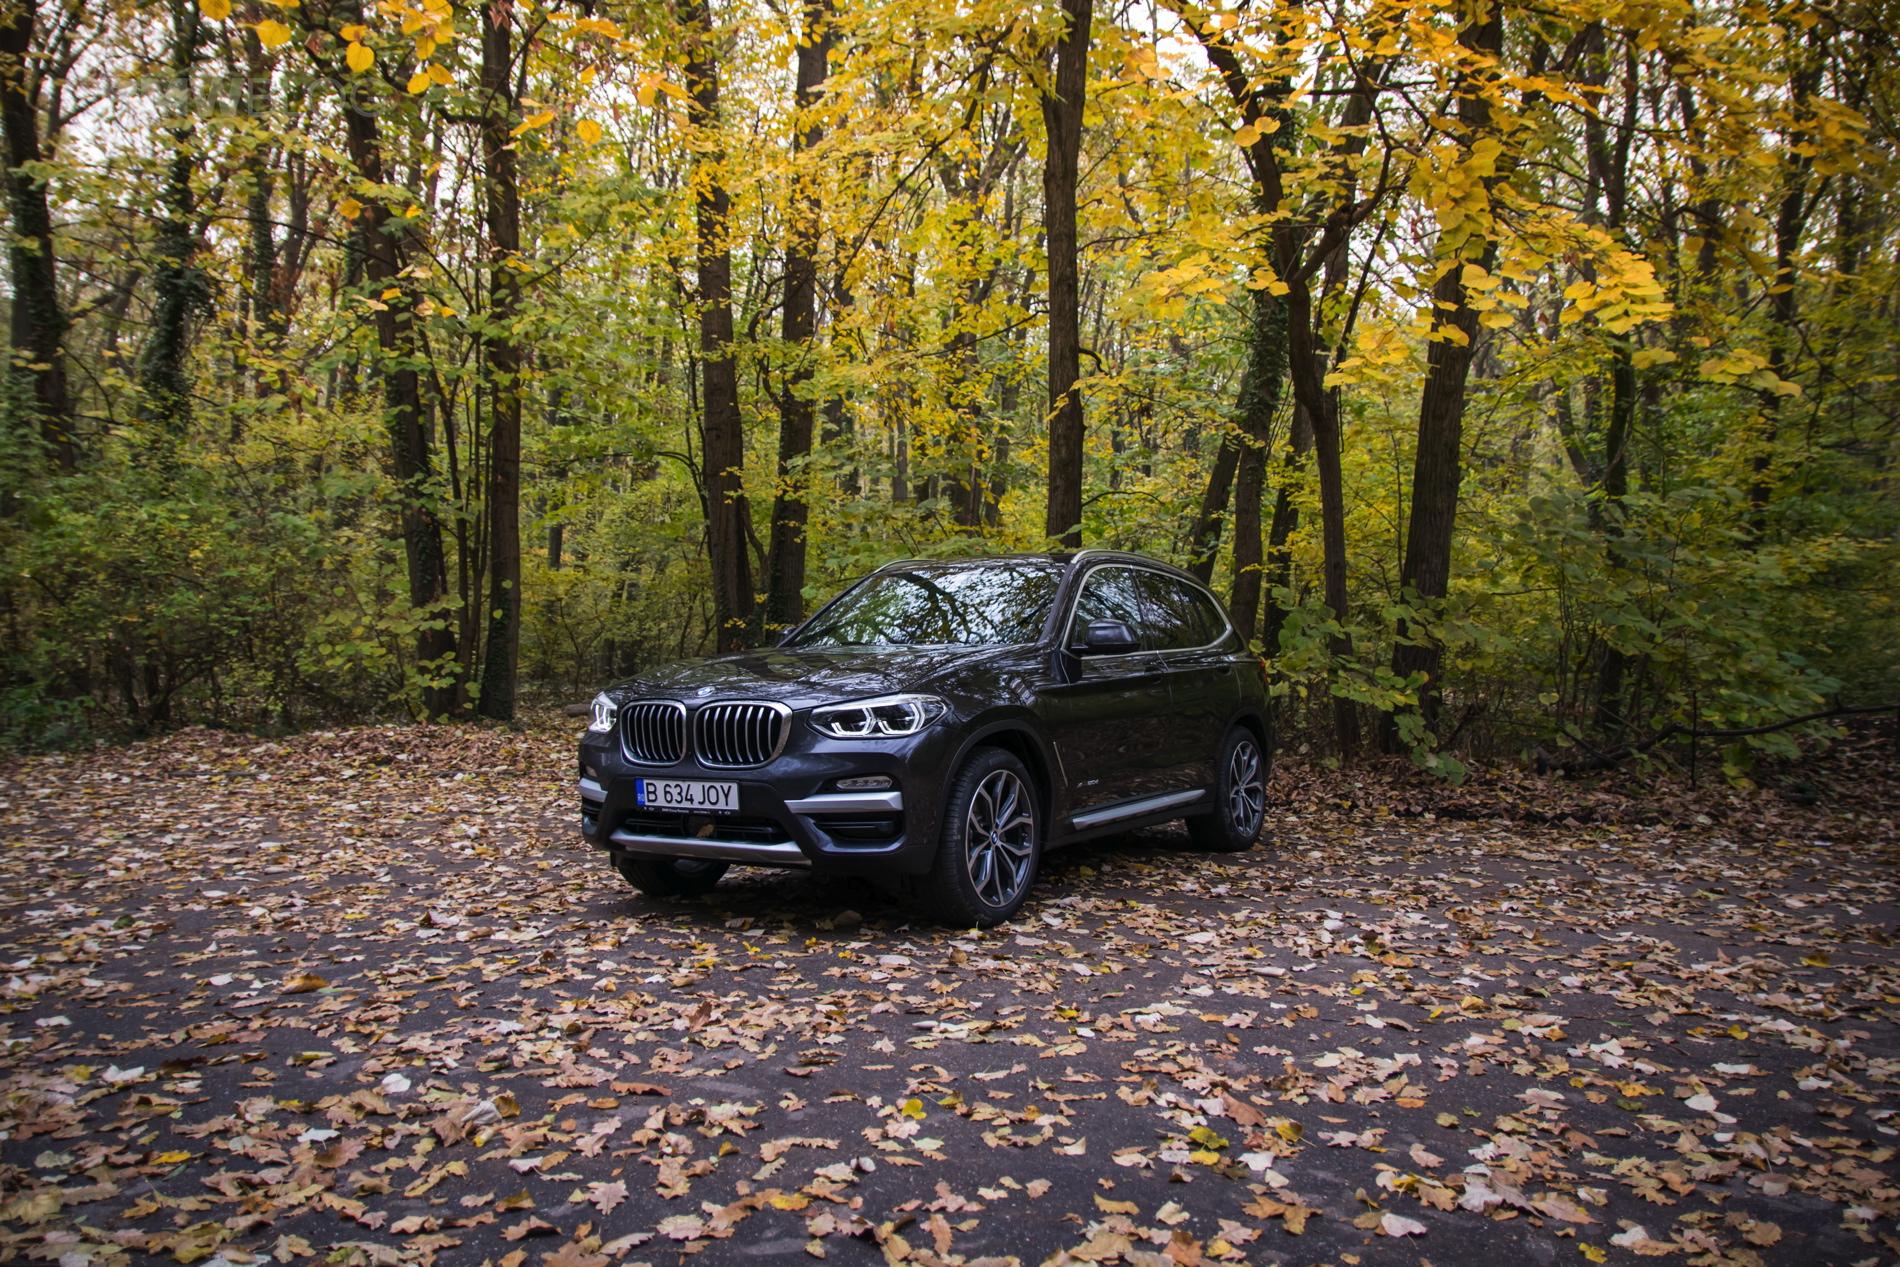 2017 BMW X3 xDrive20d test drive review 30